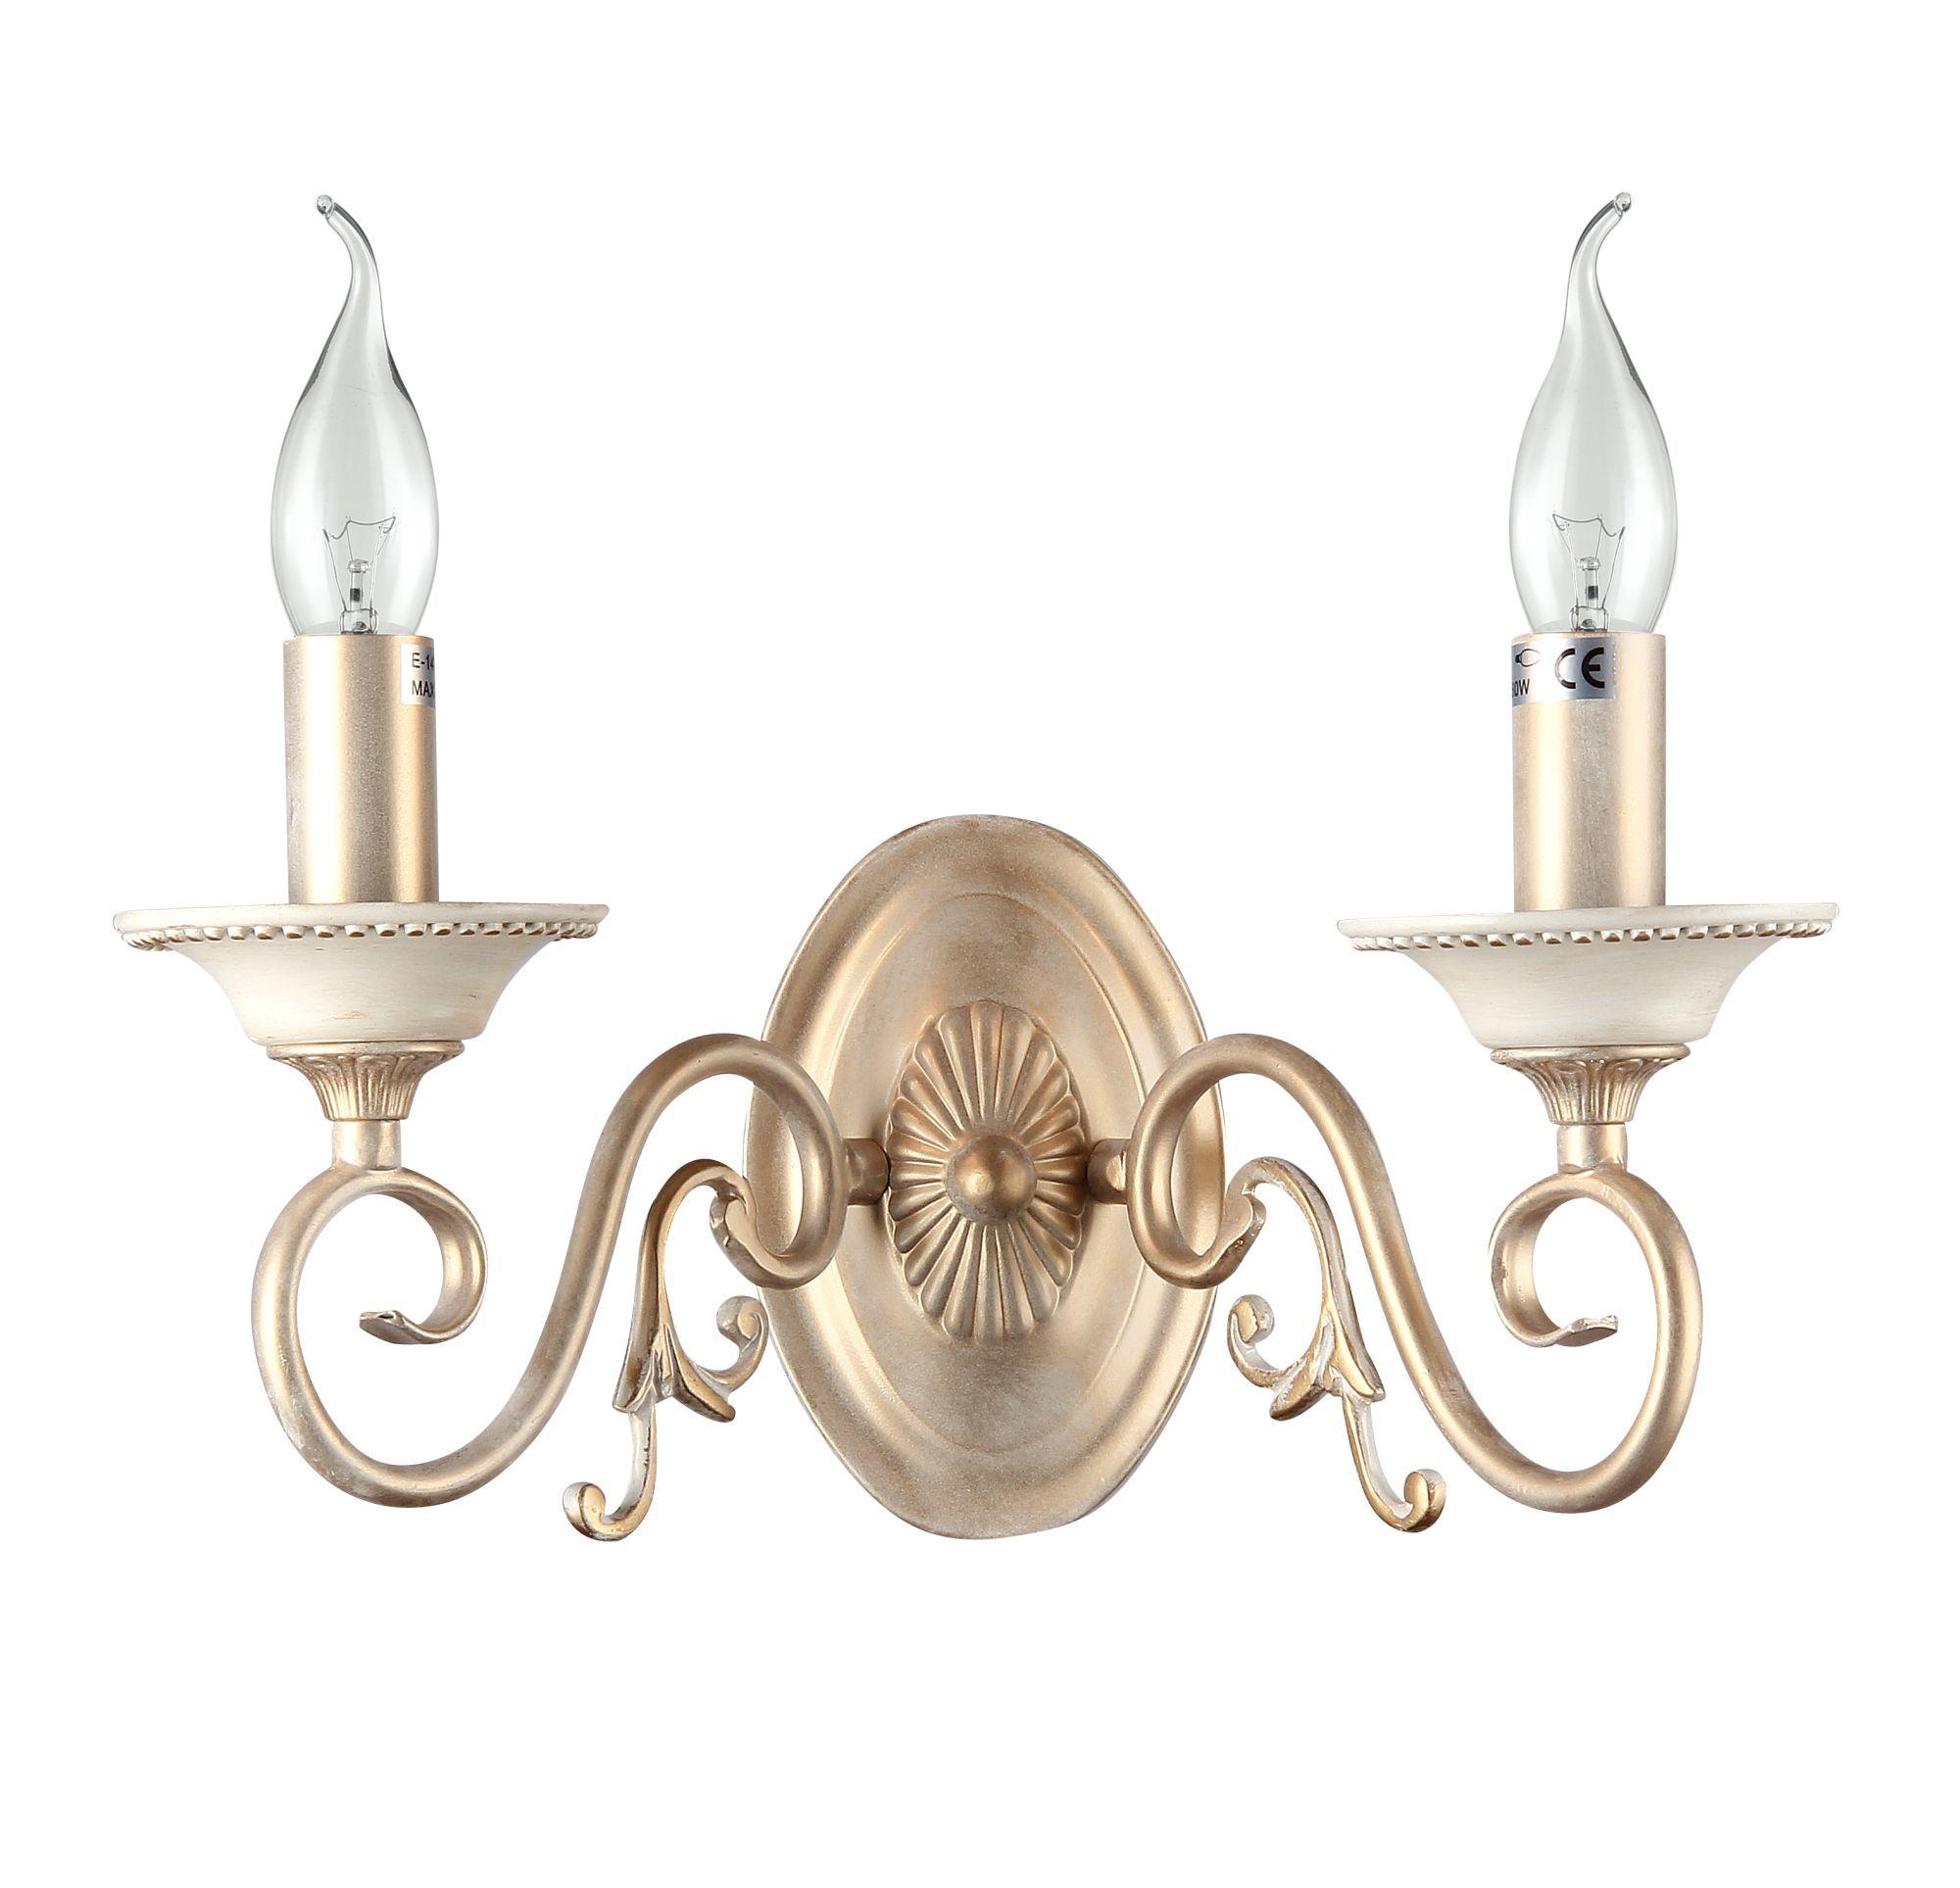 Бра Maytoni Classic Elegant Perla ARM337-02-R, 2xE14x60W, бежевый, матовое золото, металл - фото 3